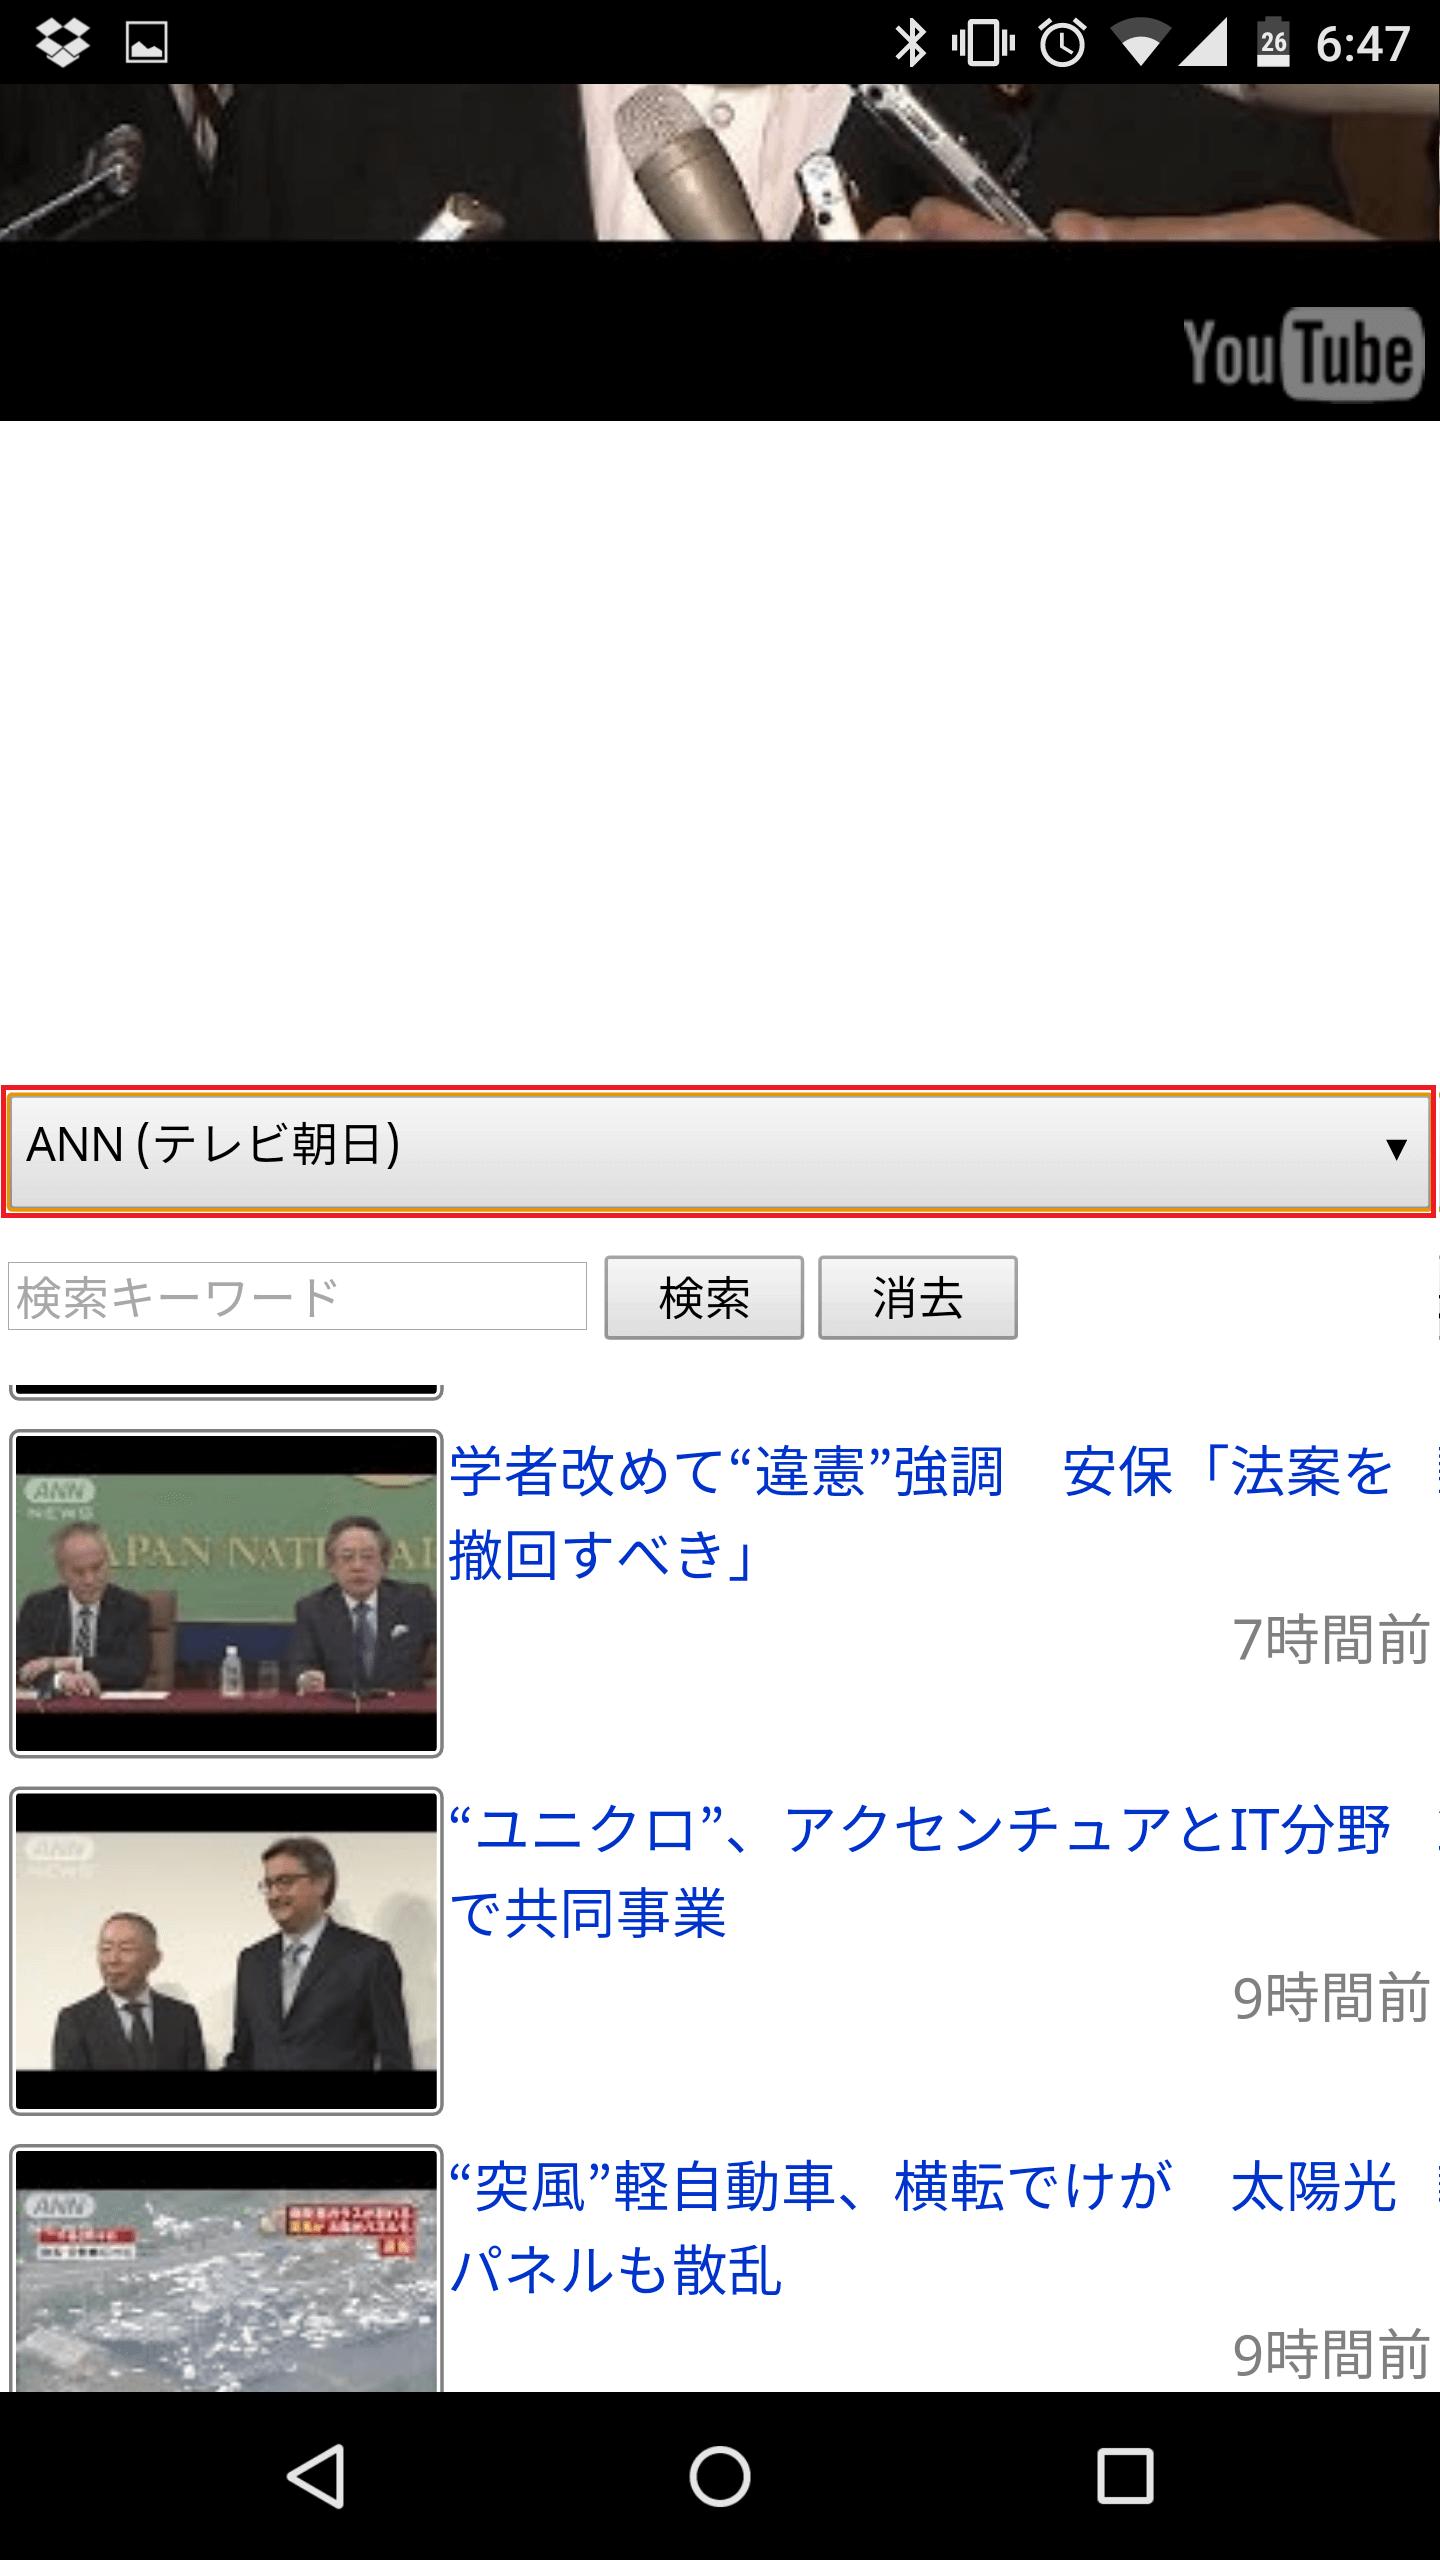 再生 ニュース 連続